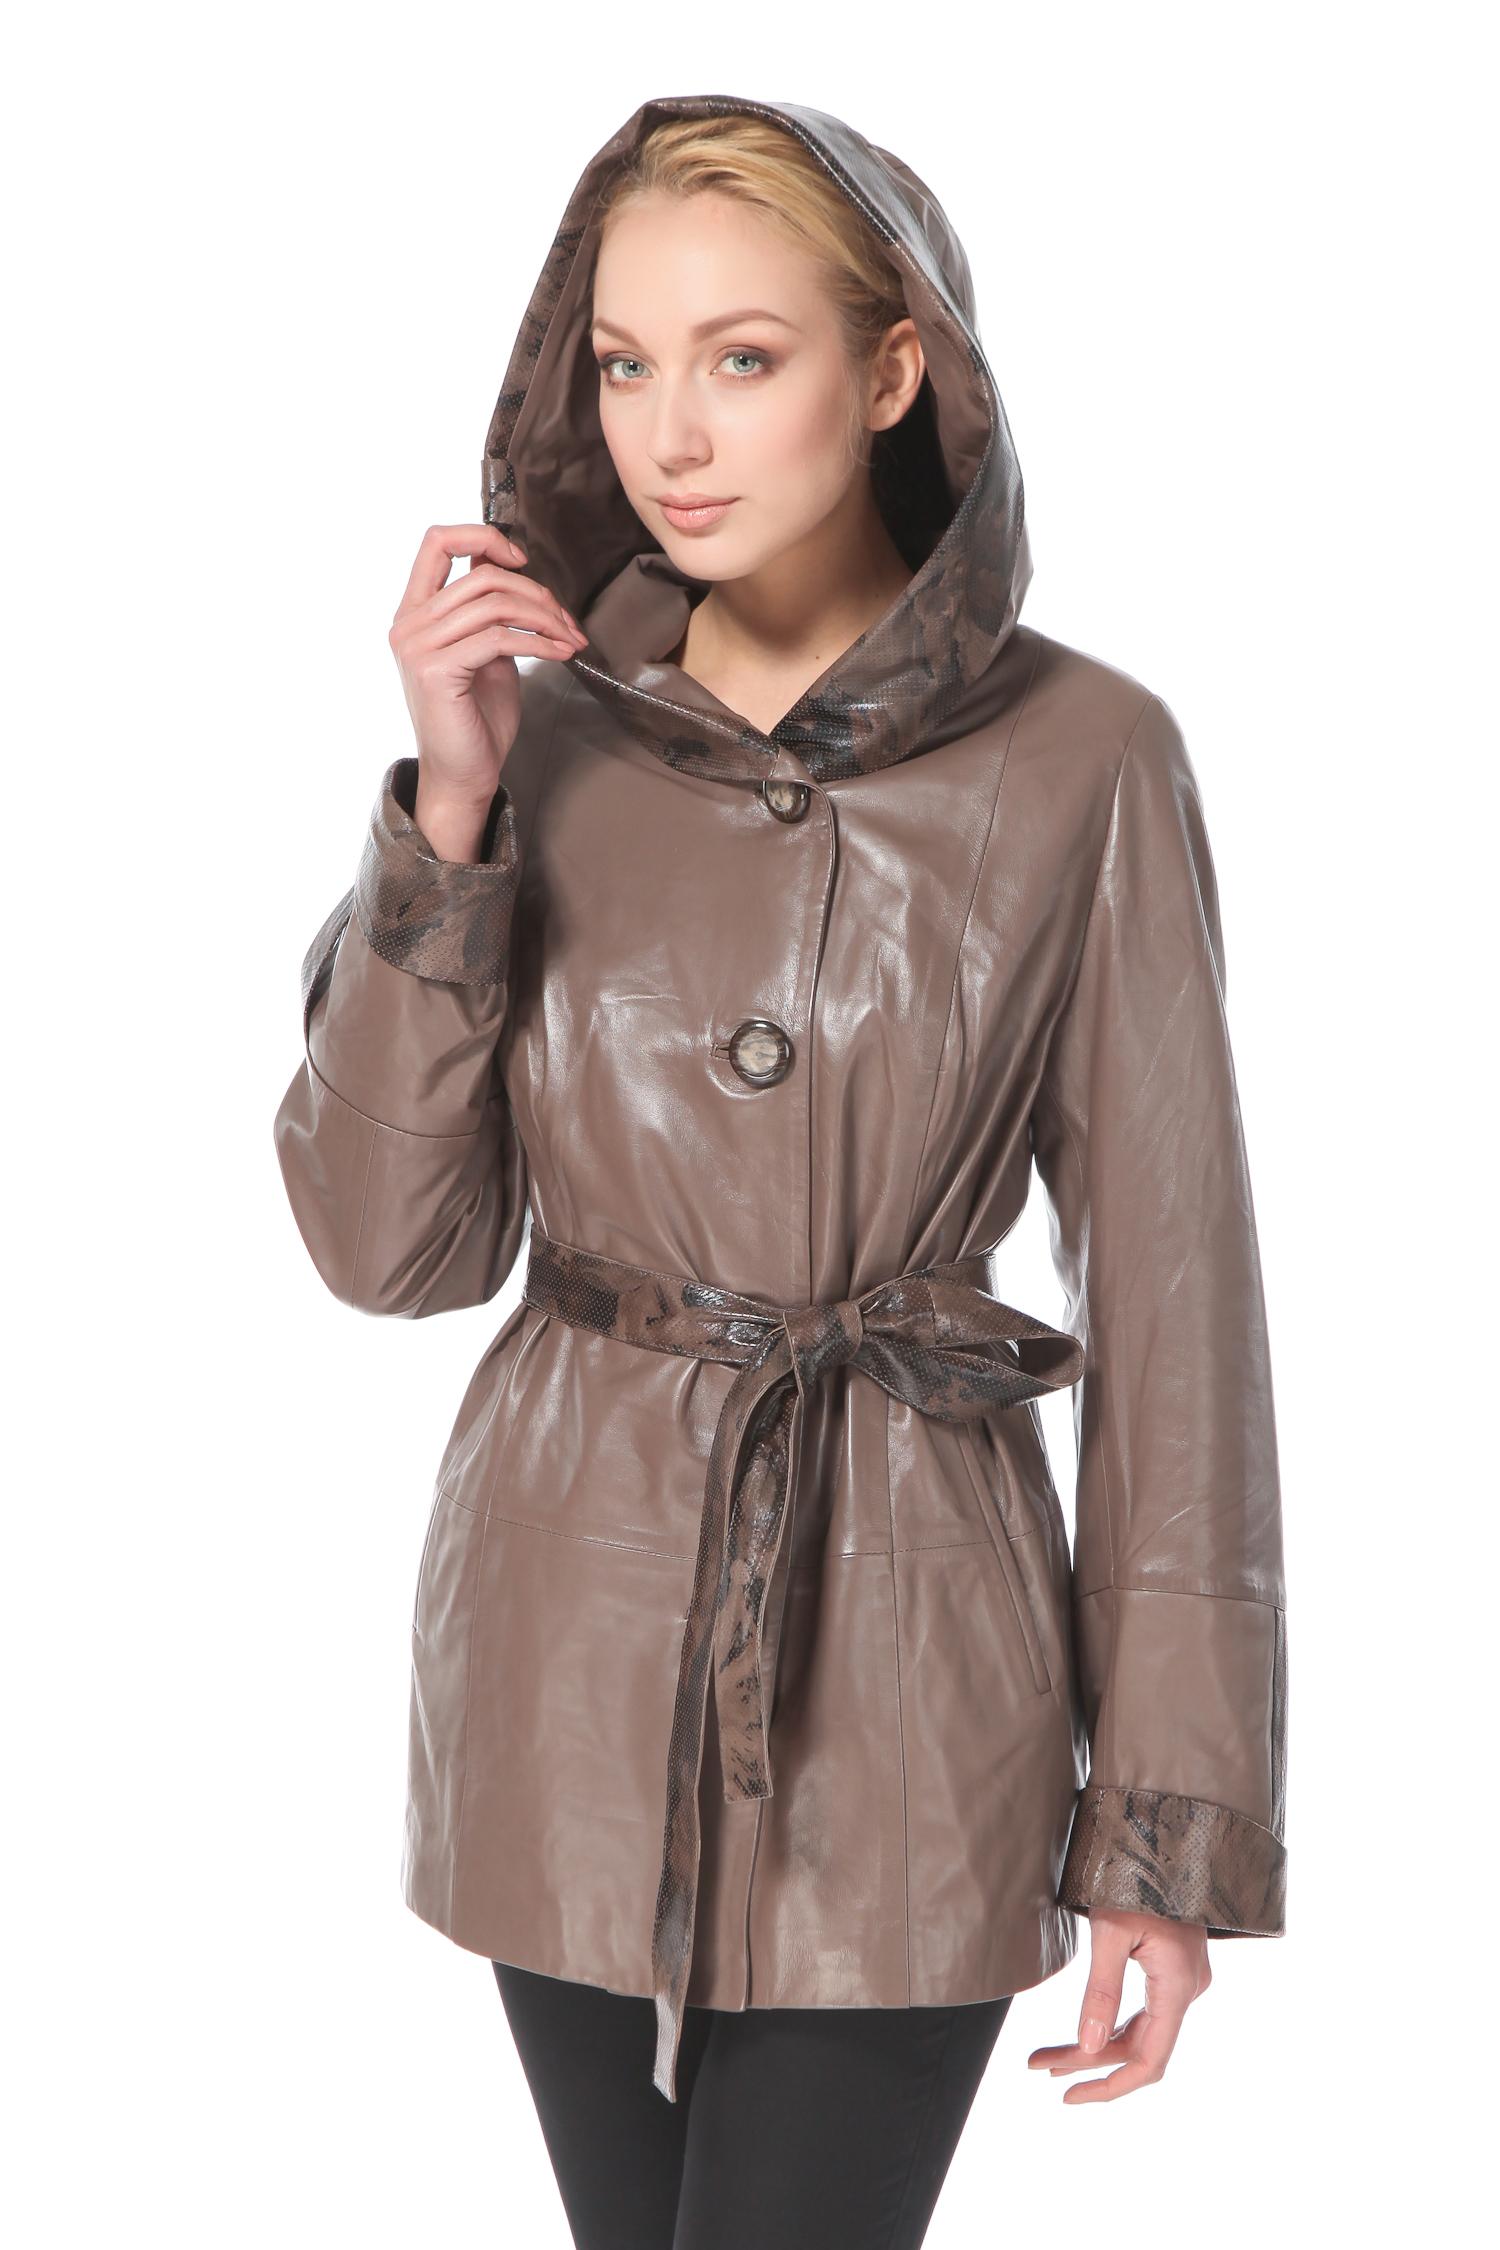 Женская кожаная куртка из натуральной кожи с капюшоном, без отделкиЦвет-кофе с молоком.<br><br>Элегантная куртка из кожи очень высокого качества. Помимо безупречного внешнего вида, куртка очень приятна на ощупь. Мягкая кожа доставит особенный комфорт при носке этого изделия. Куртка средней длины. Благодаря поясу, Вы можете выбирать фасон изделия - прямой или приталенный, все зависит от Ваших пожеланий и настроения. Рукава, капюшон и пояс выполнены с перфорацией под кожу змеи. Модель застегивается на пуговицы и дополнена внешними карманами.<br><br>Воротник: Капюшон<br>Длина см: 75<br>Материал: Натуральная кожа<br>Цвет: Коричневый<br>Пол: Женский